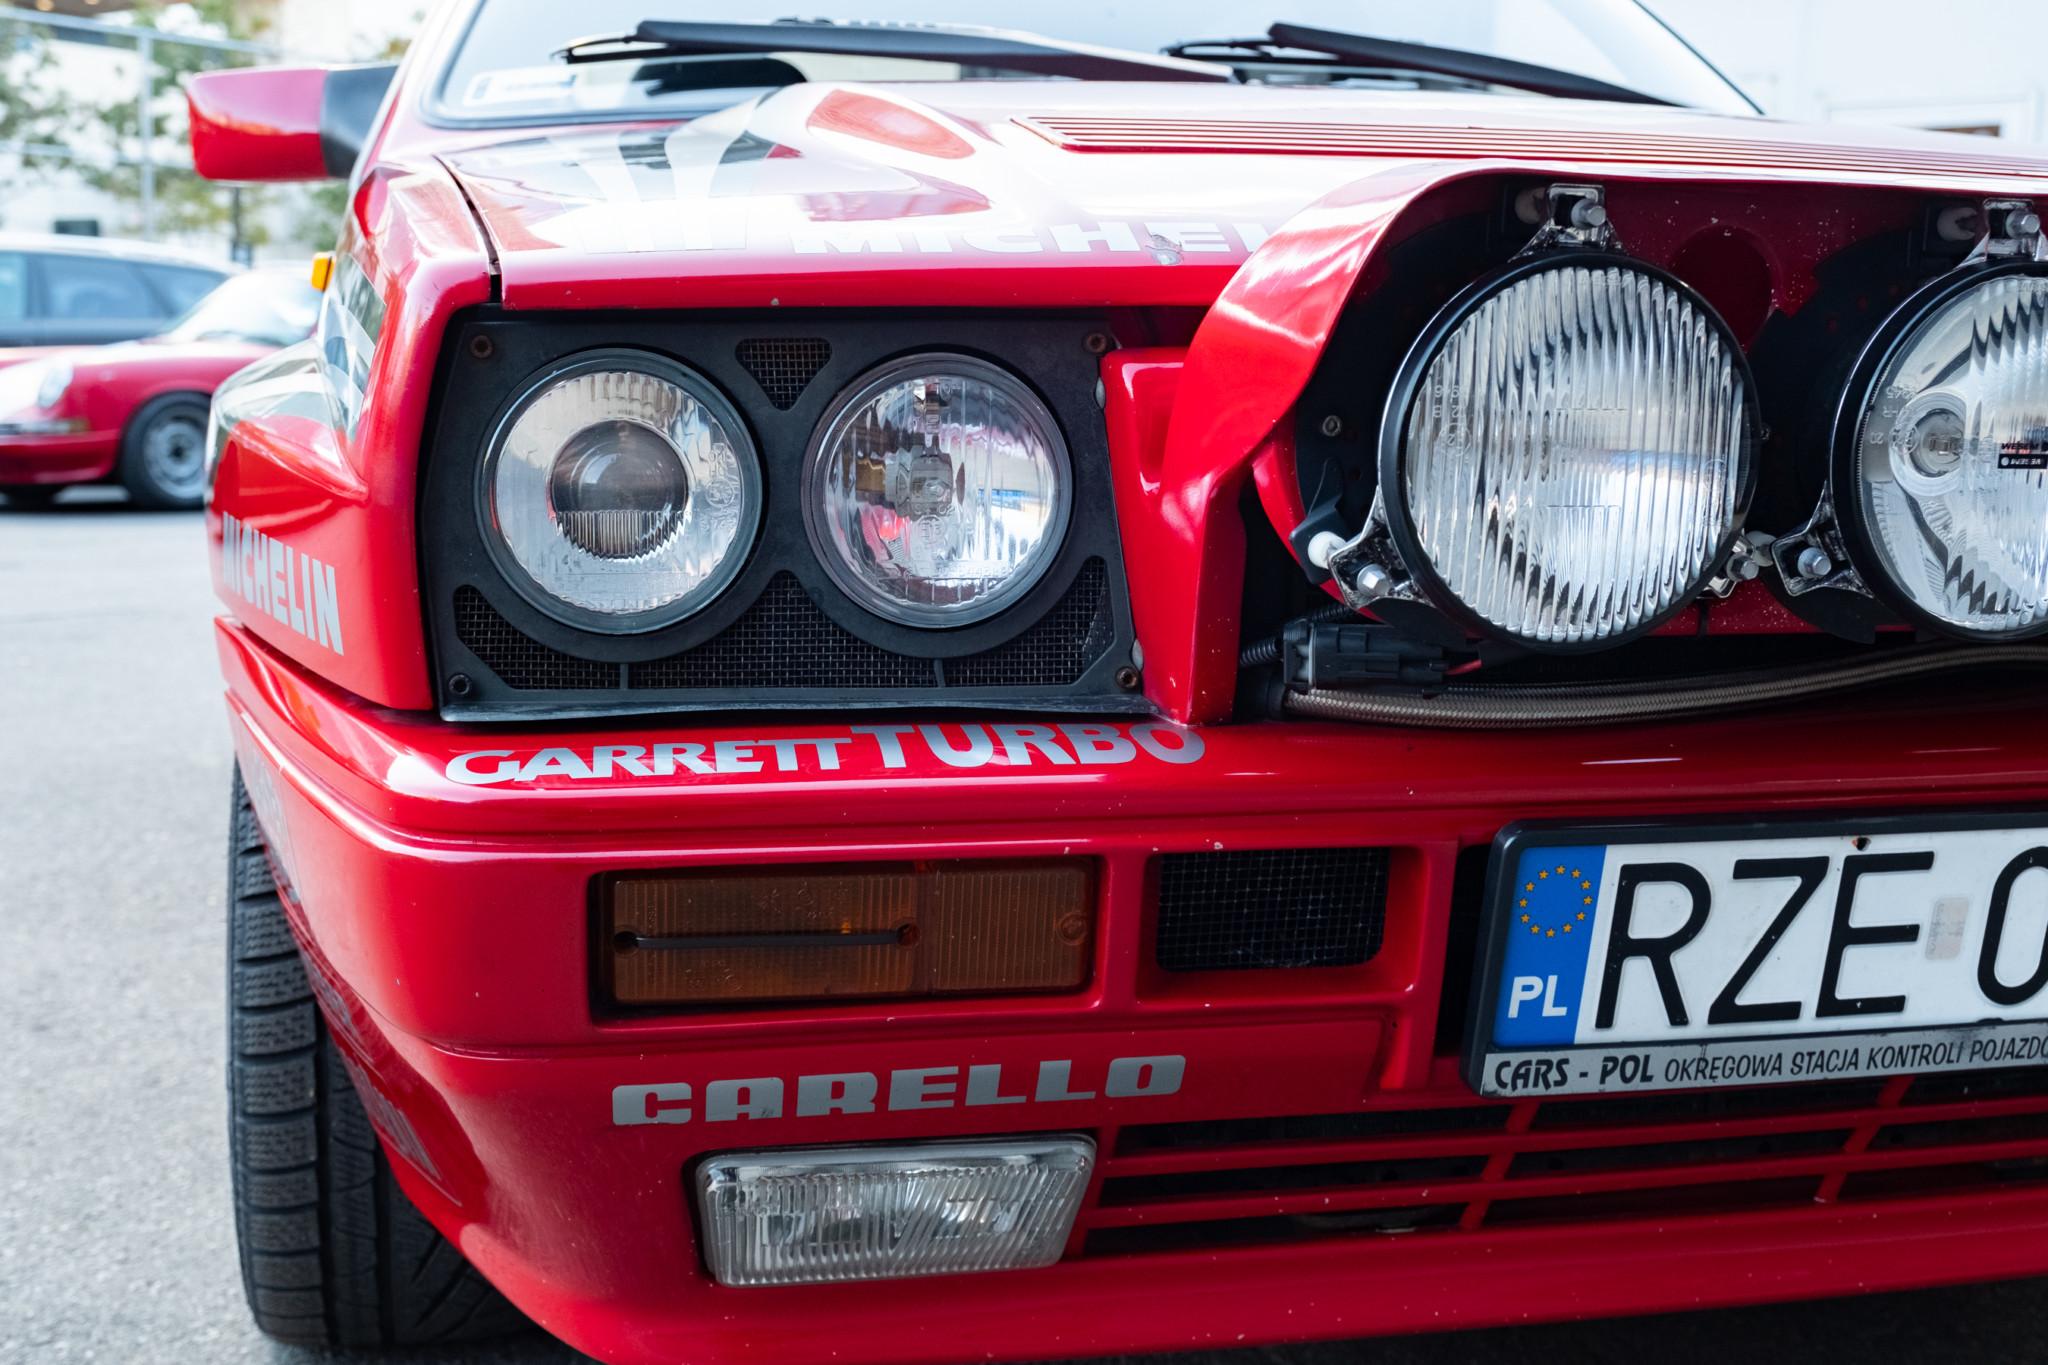 Lancia-Delta-Integrale-1989-for-sale-17